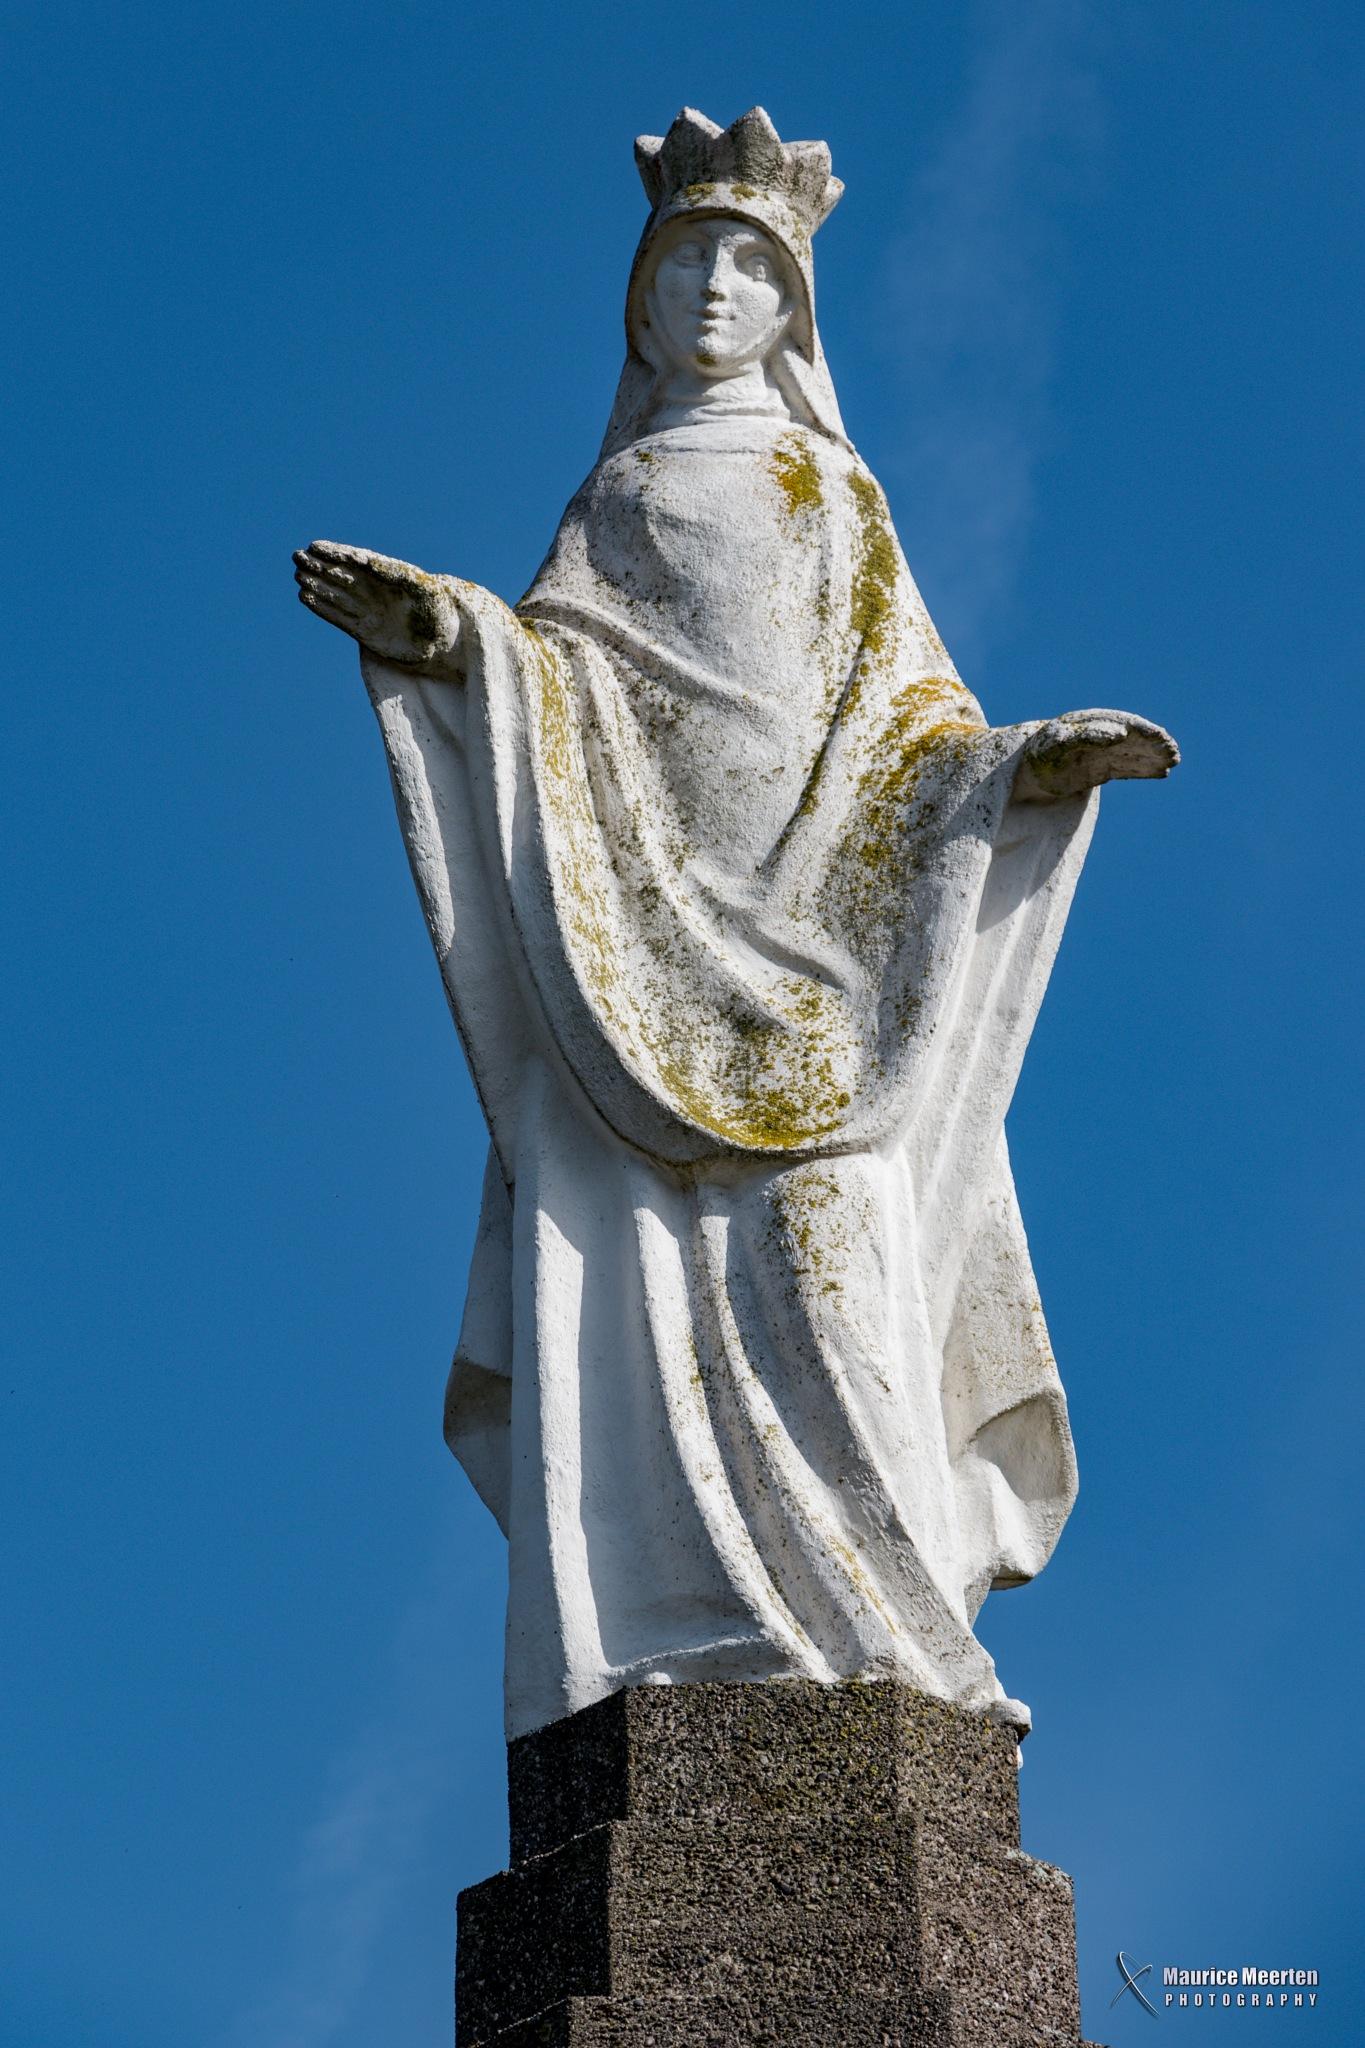 Statue by Maurice Meerten